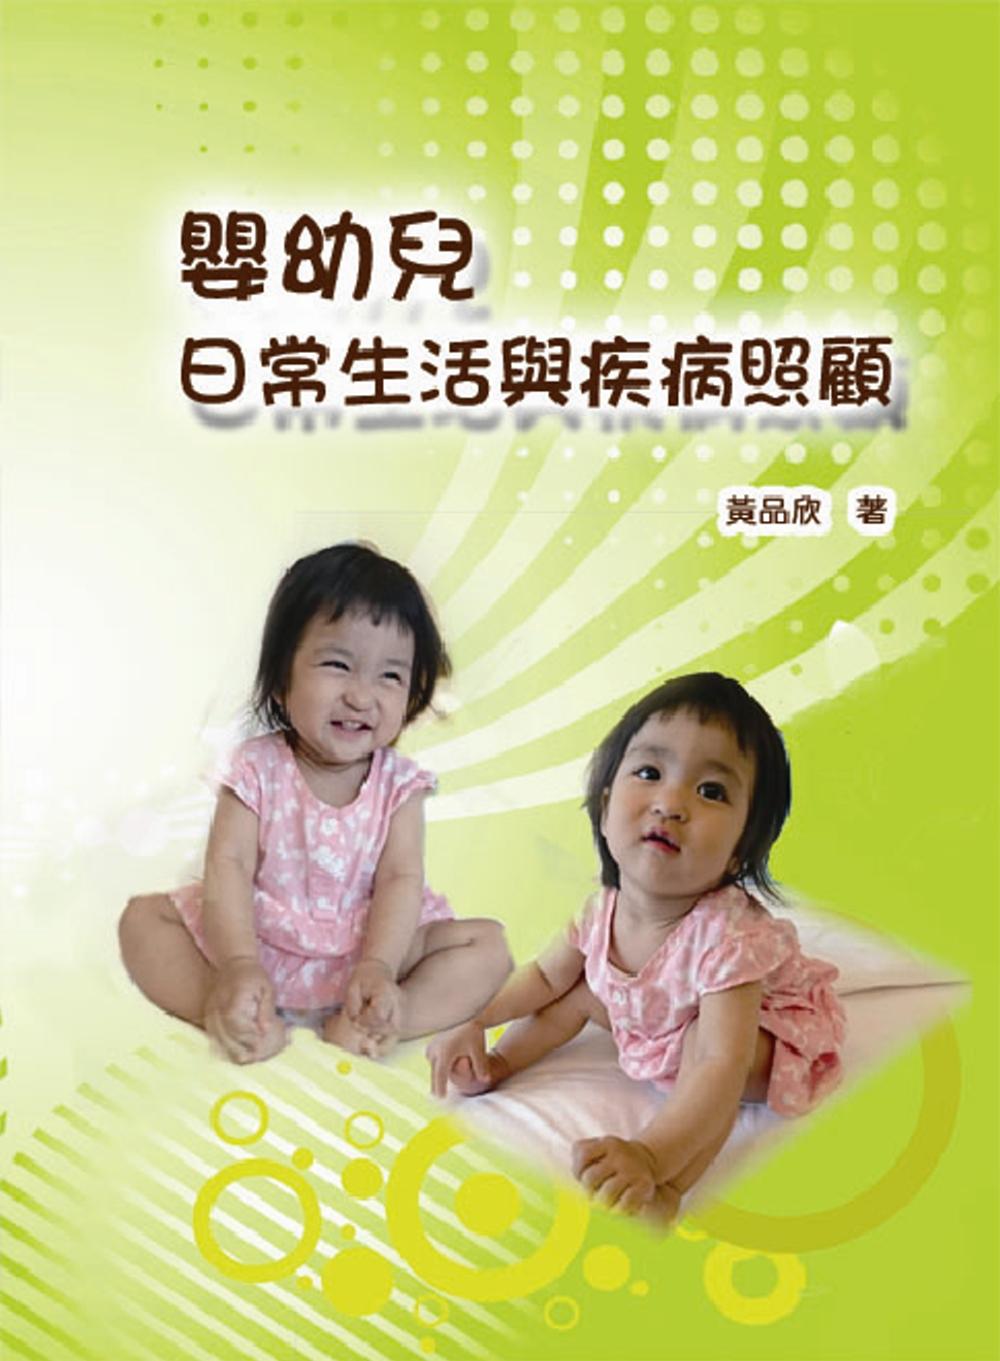 嬰幼兒日常生活與疾病照顧